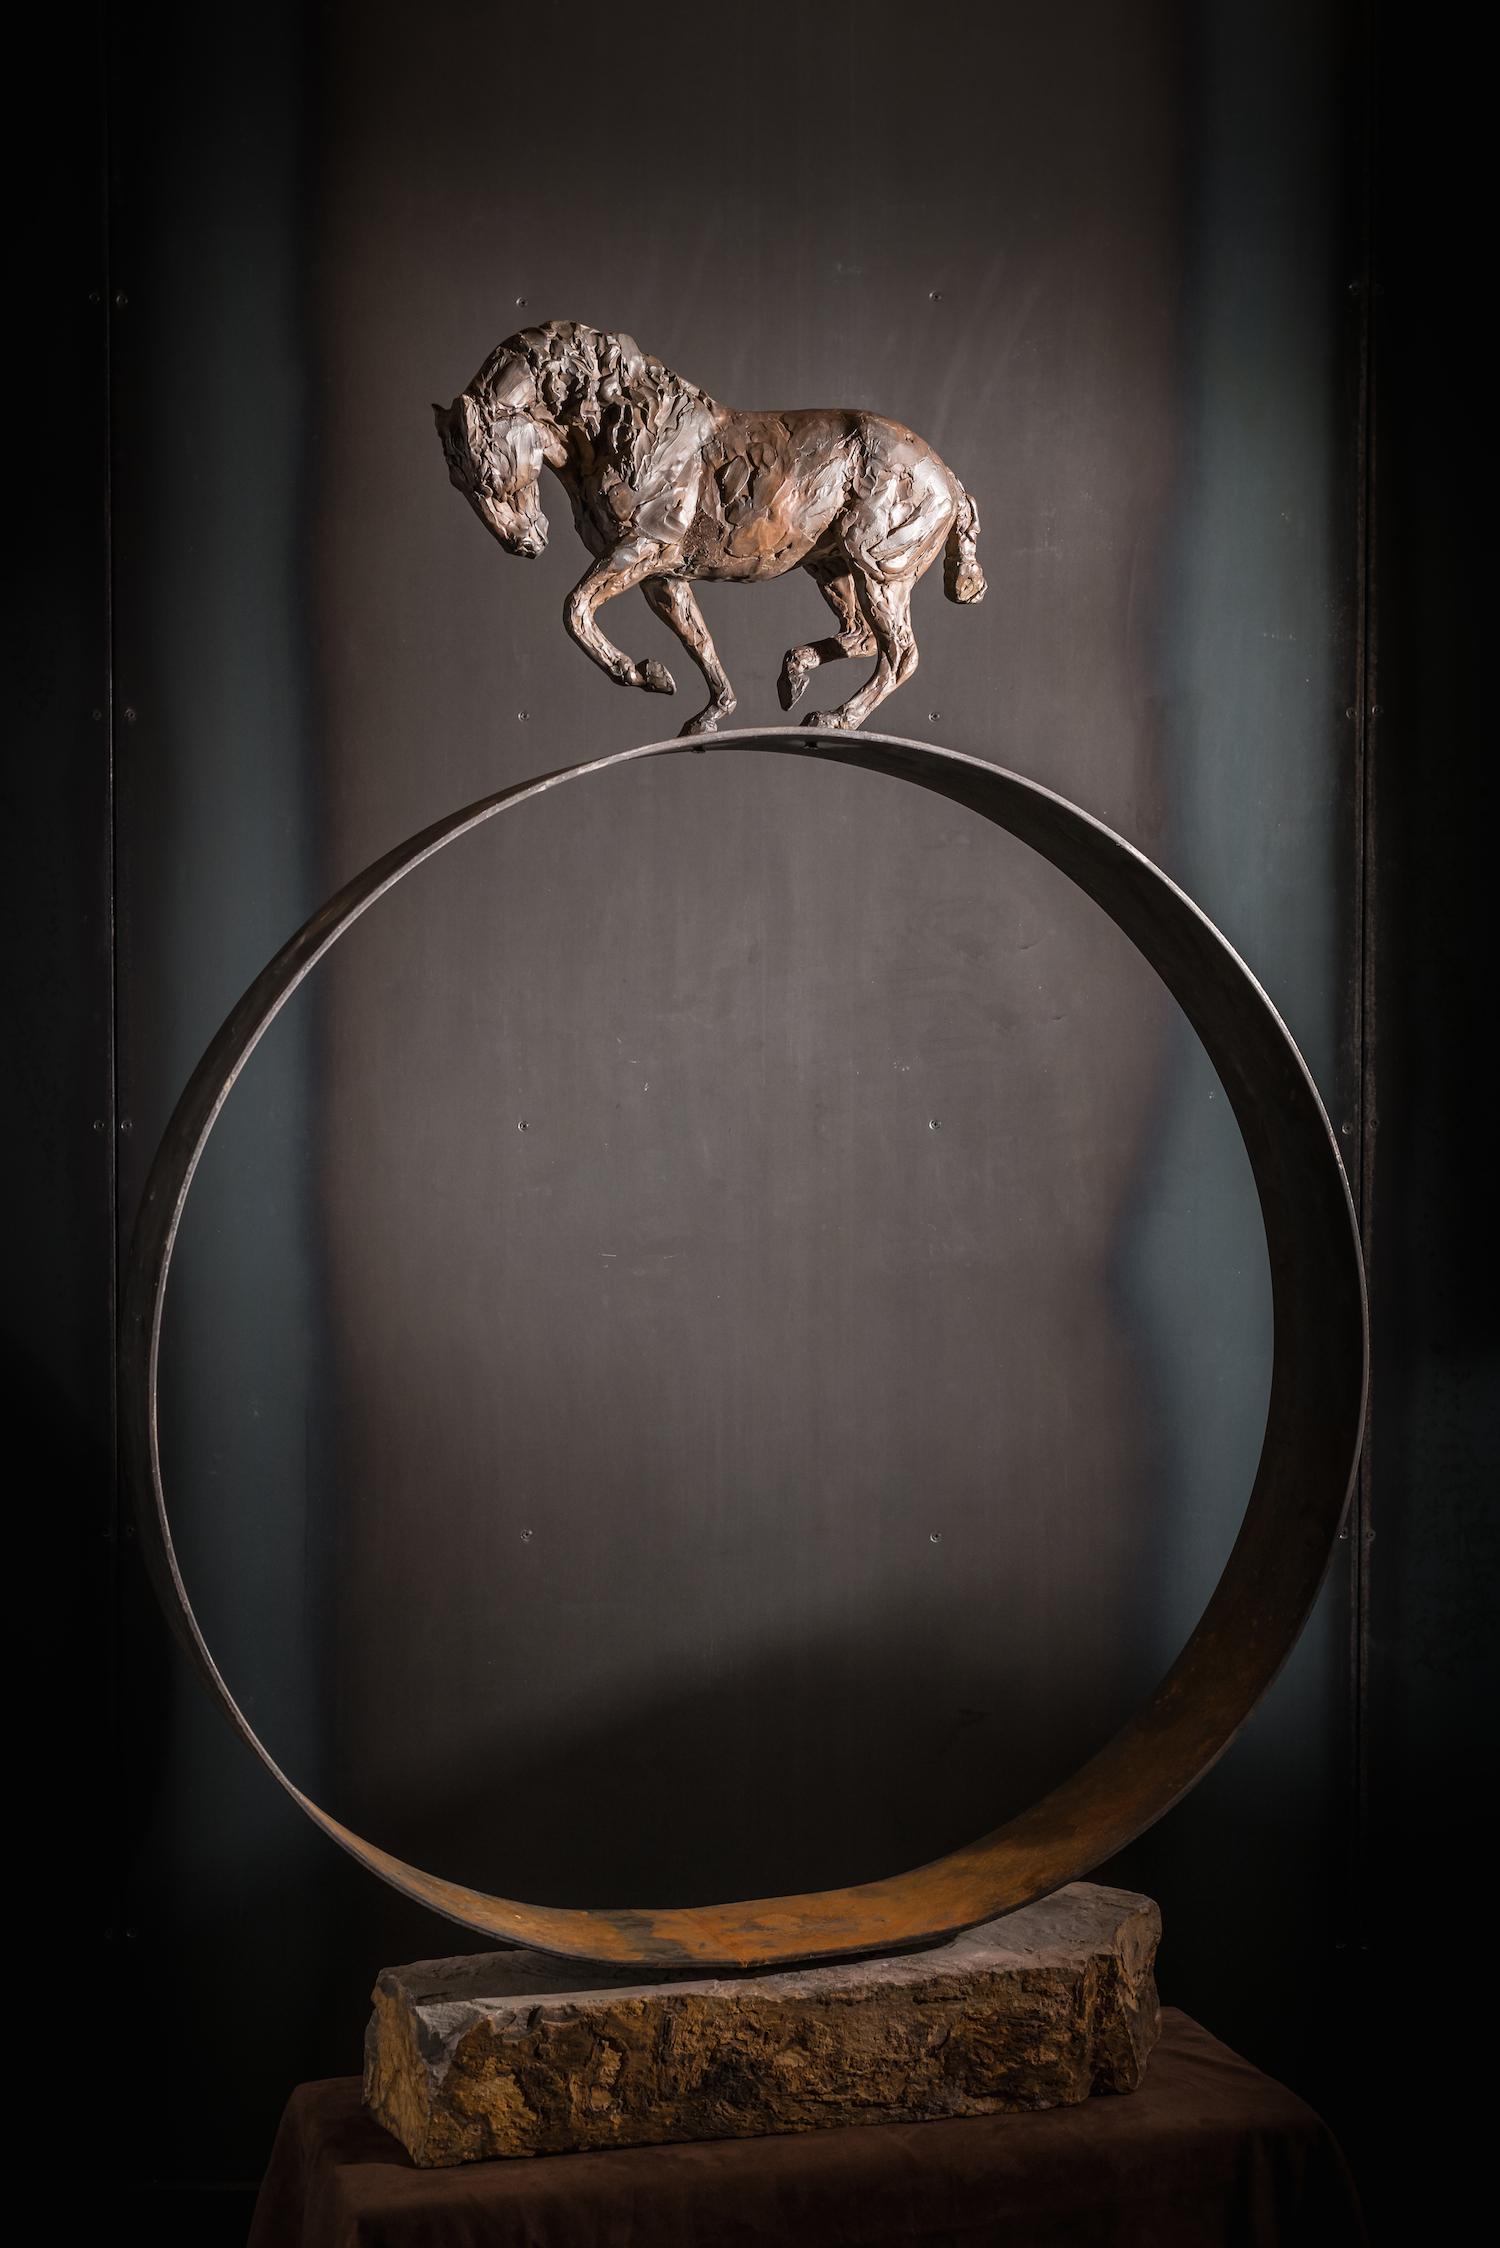 Precarious l  Bronze  l  56x36x6  l  $9,200